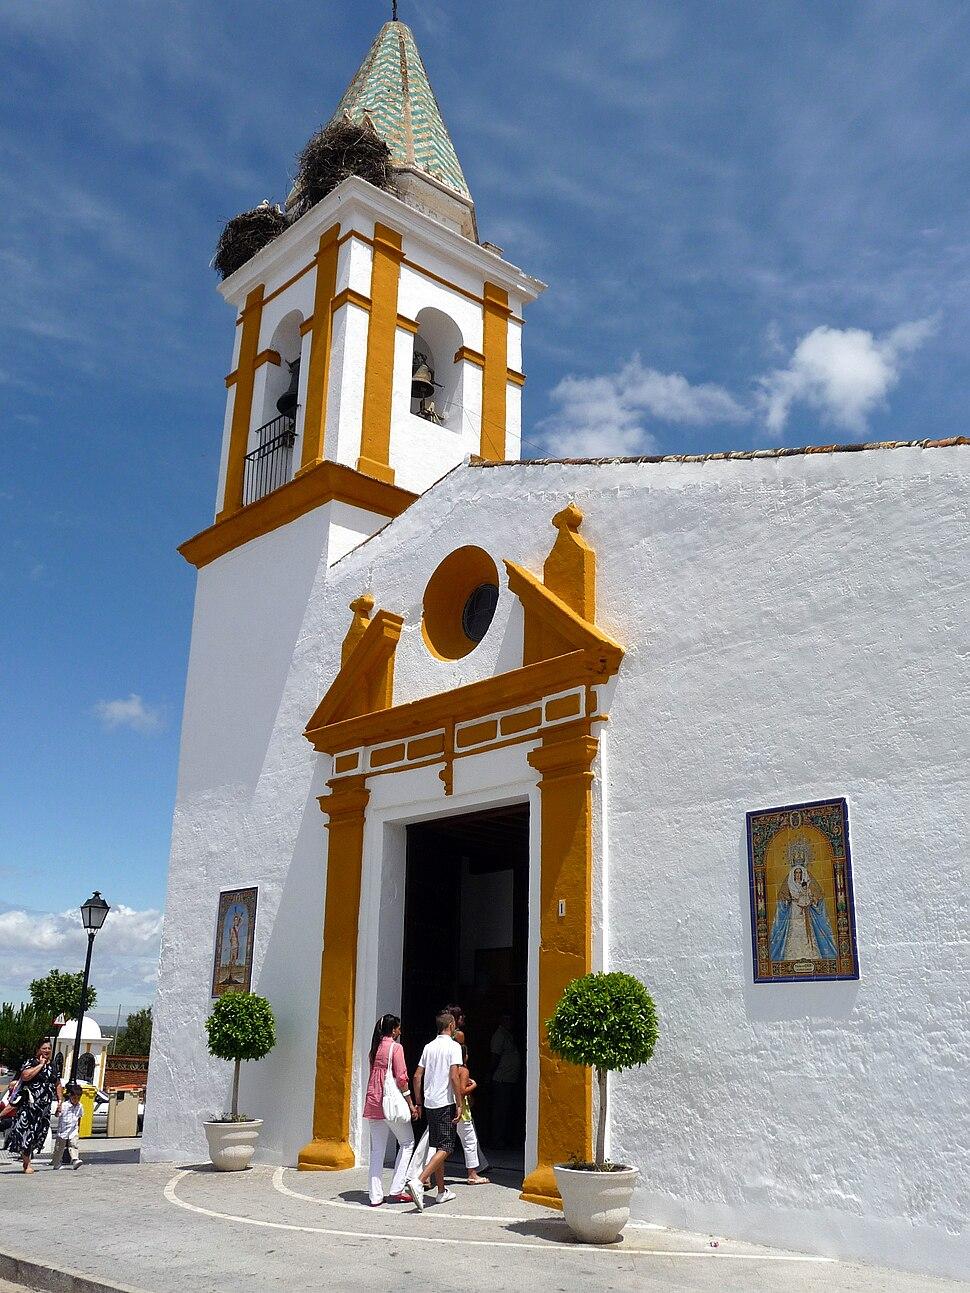 Parroquia de Nuestra Señora de Los Remedios Aljaraque